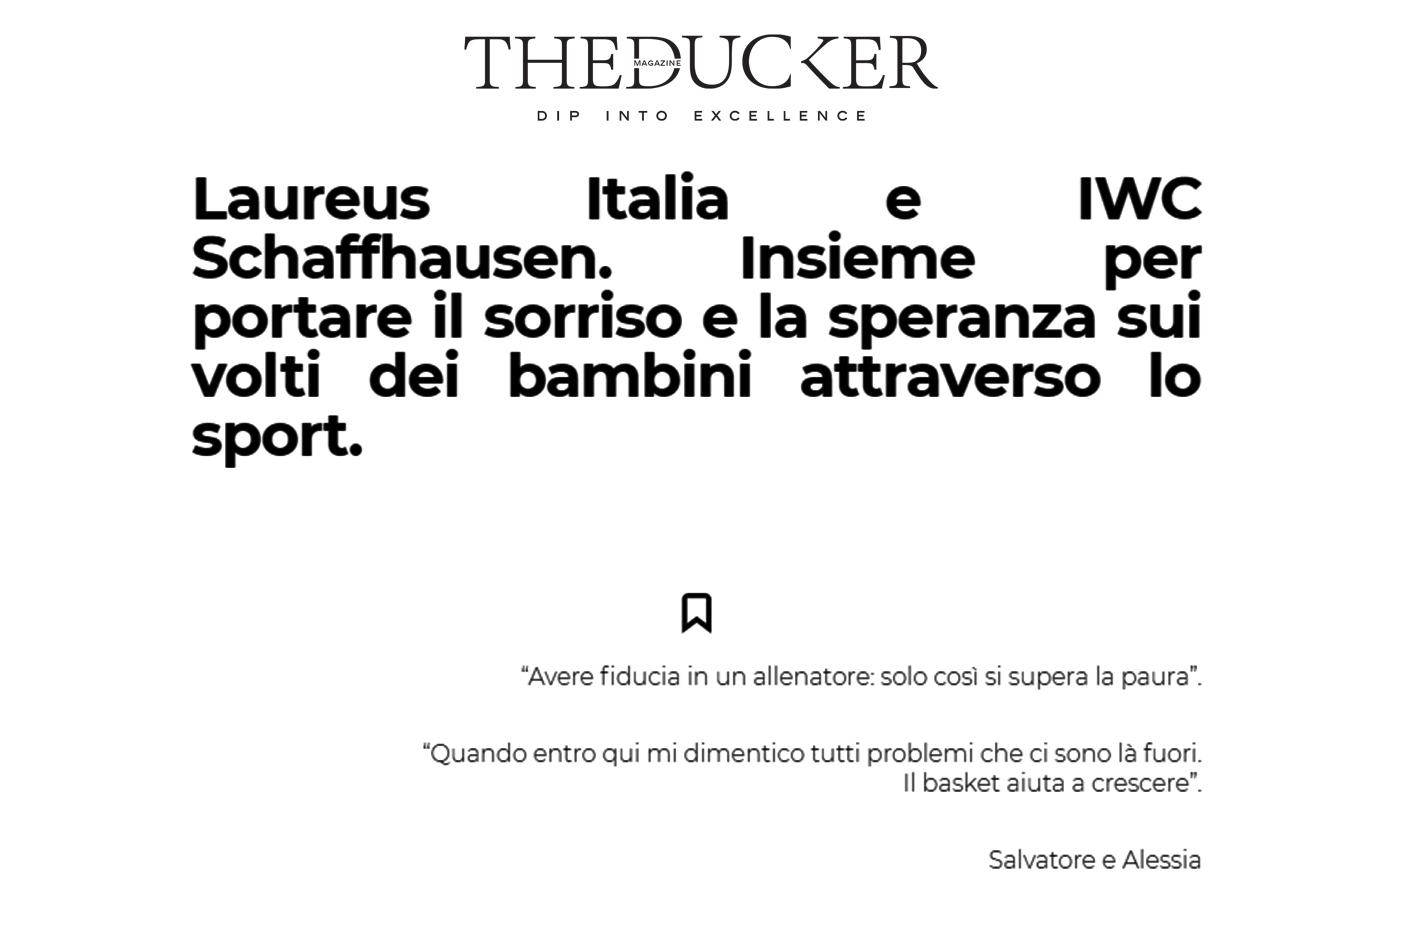 24_07_2018_THE-DUCKER_1